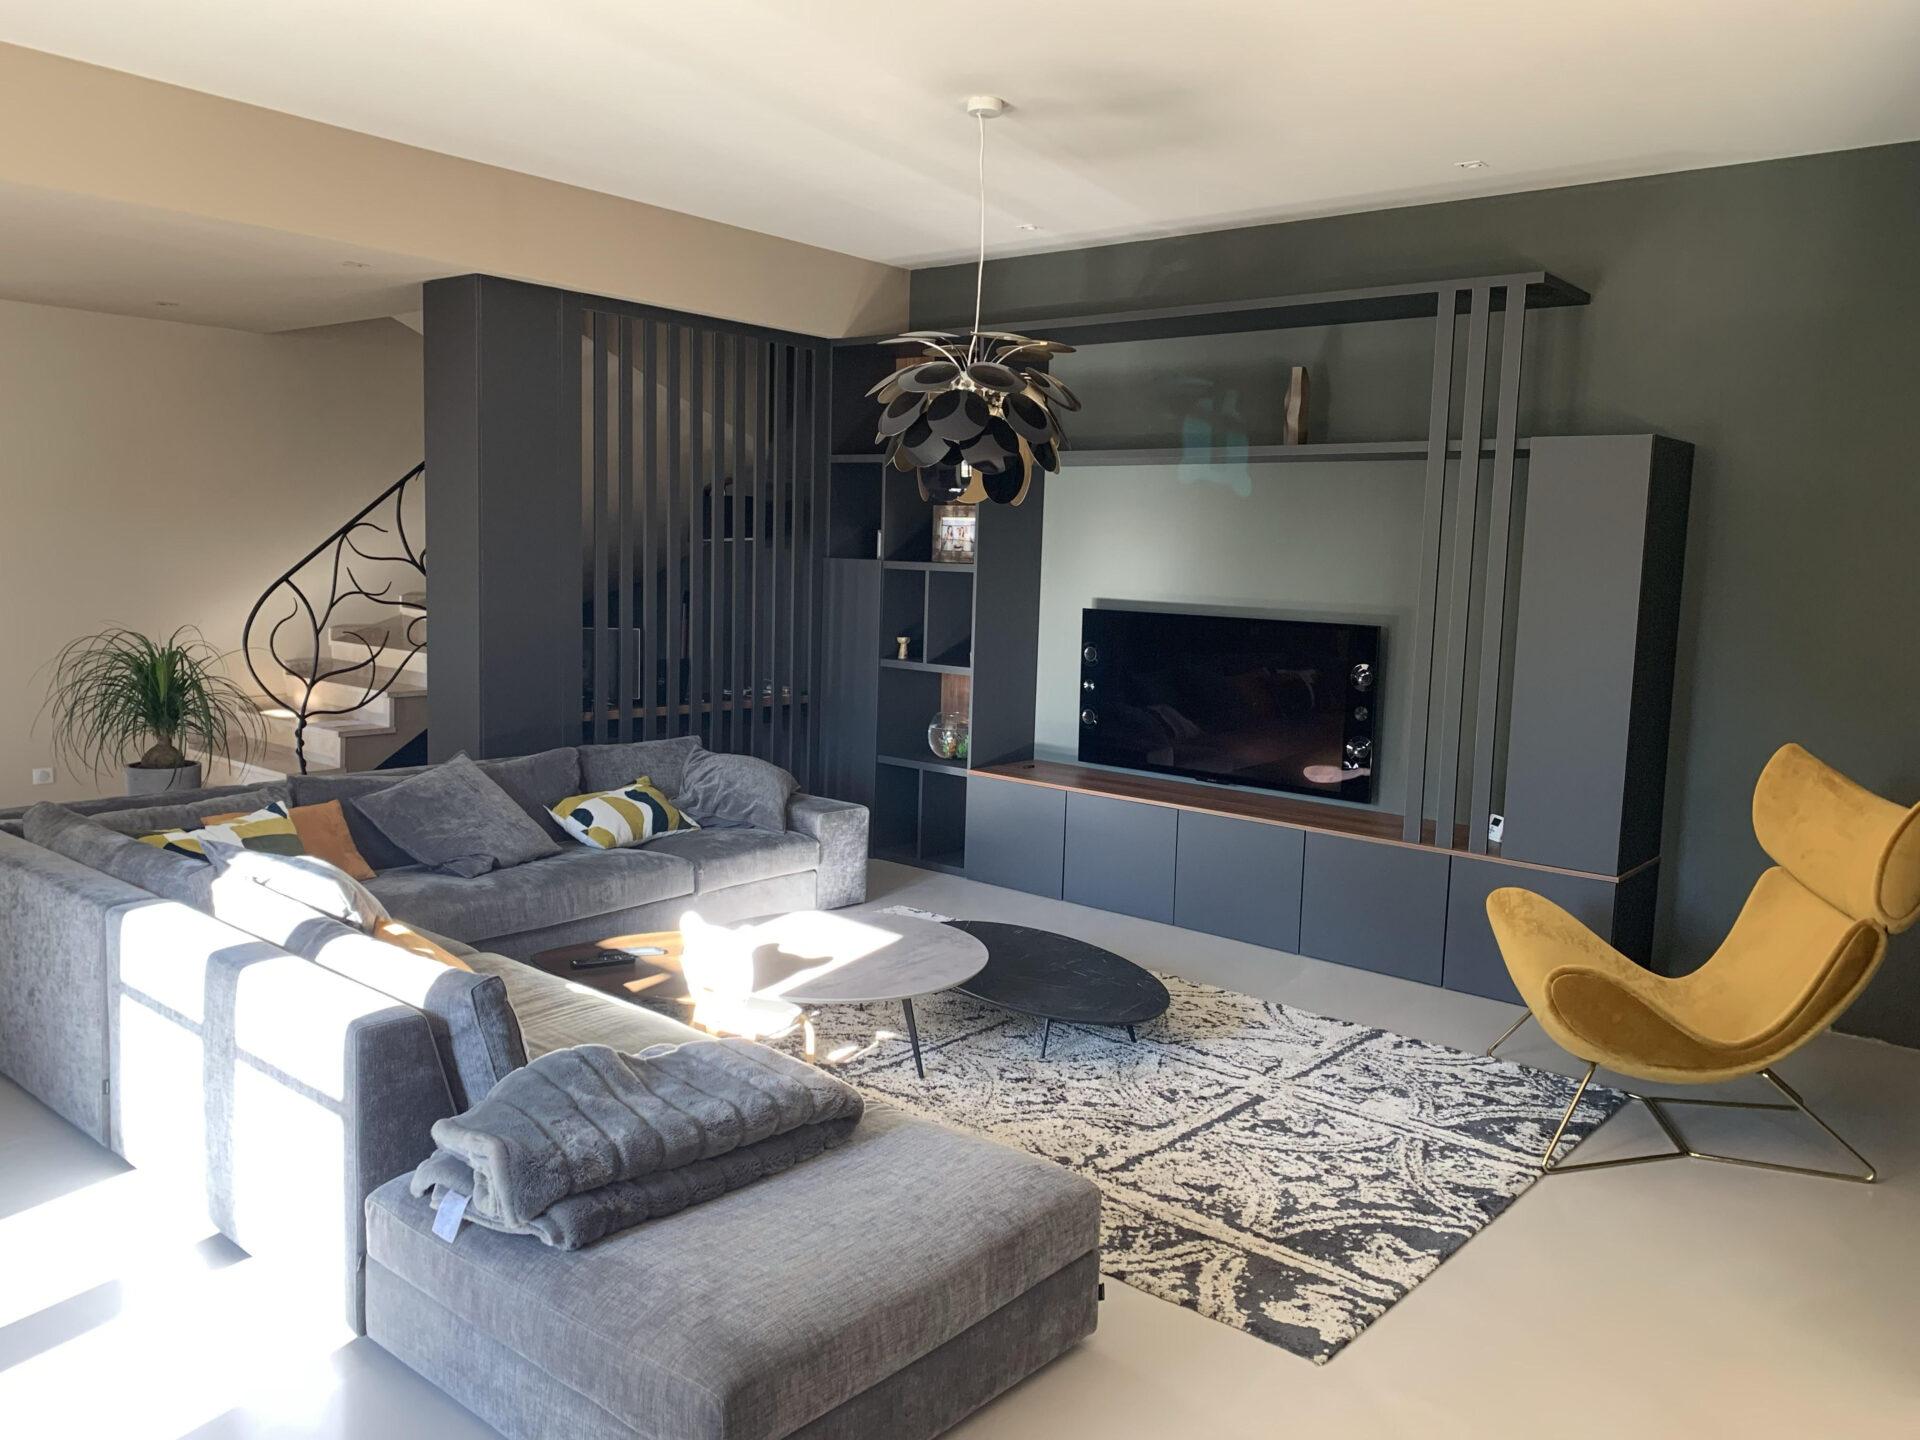 Décoration et agencement bastide à Pernes les Fontaines - Le salon avec meuble noir et bois et fauteuil velours moutarde et laiton , par Myll décors , Agence de décoration à Aix en Provence et dans le Var.